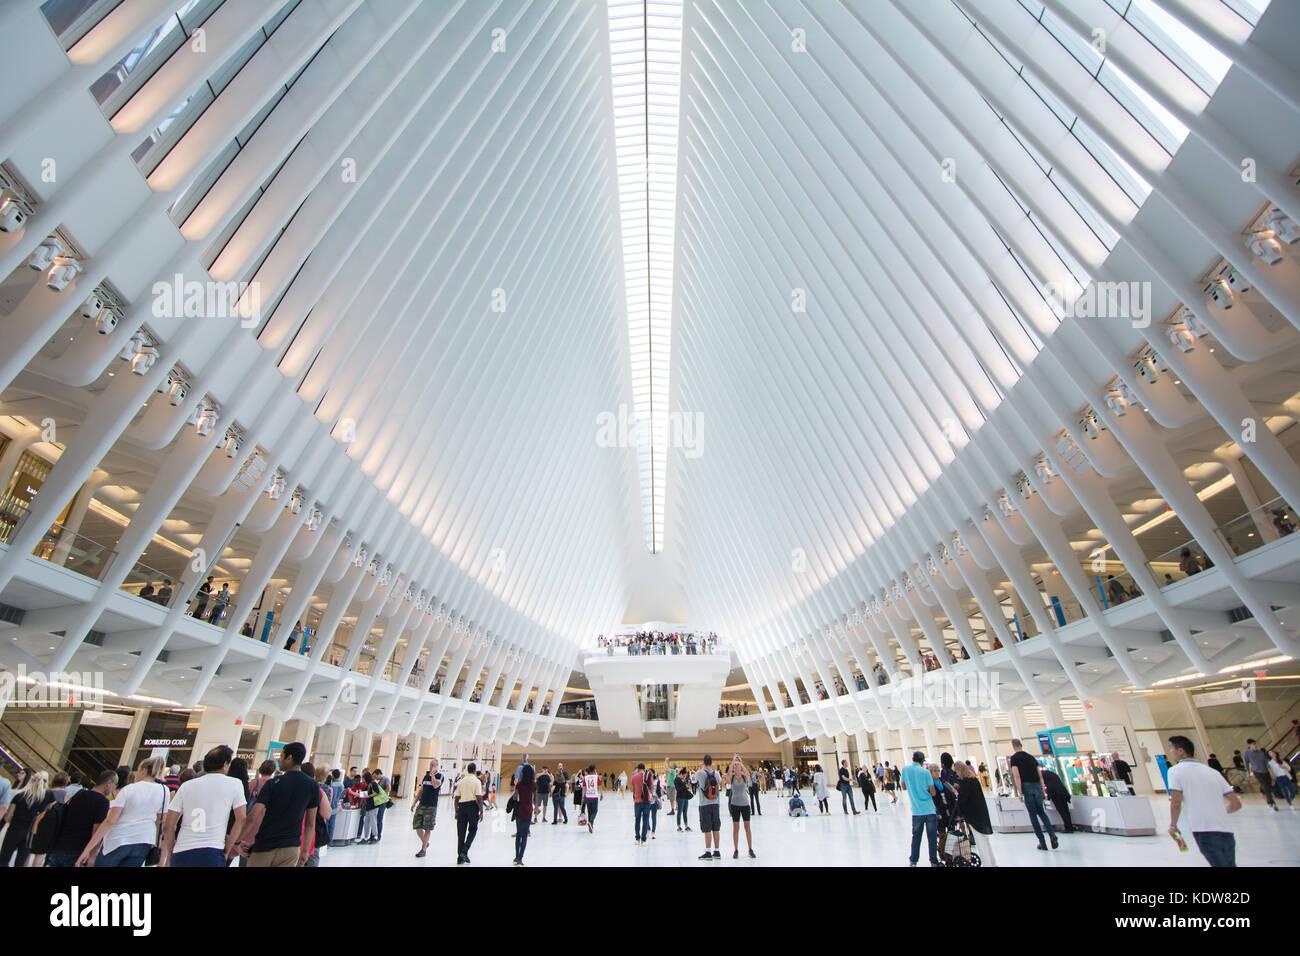 La straordinaria architettura dell'occhio al World Trade Center hub di trasporto nella città di New York, Immagini Stock